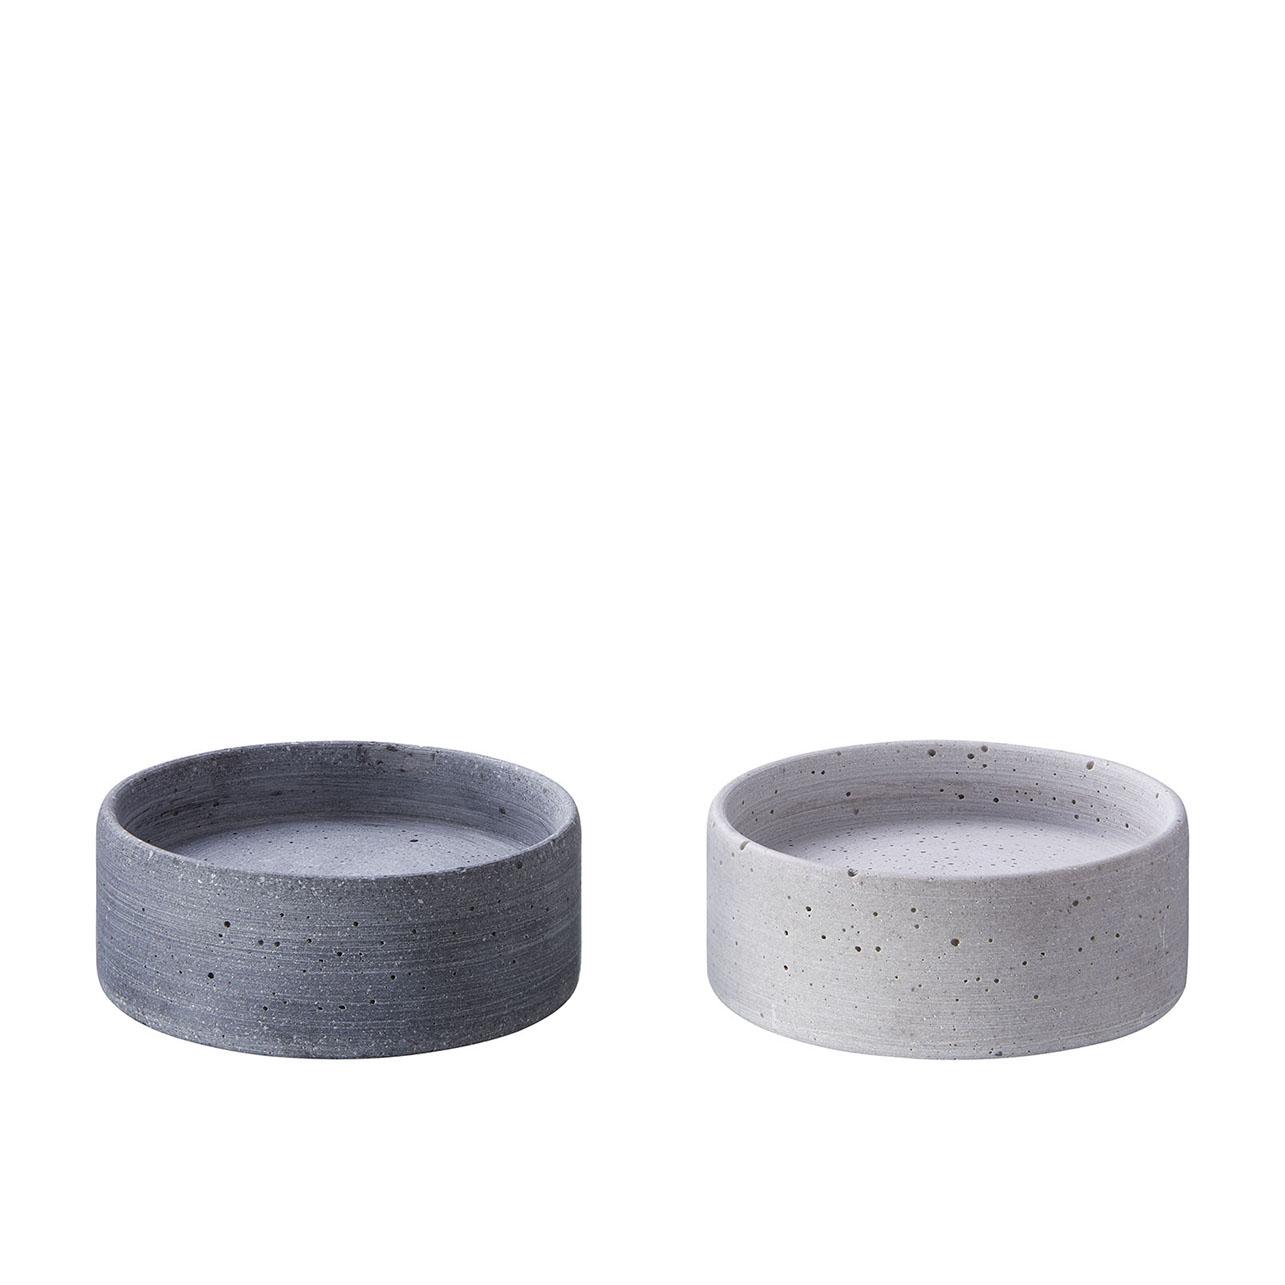 Kerzenteller OLE groß - grau oder anthrazit - von Engels Kerzen